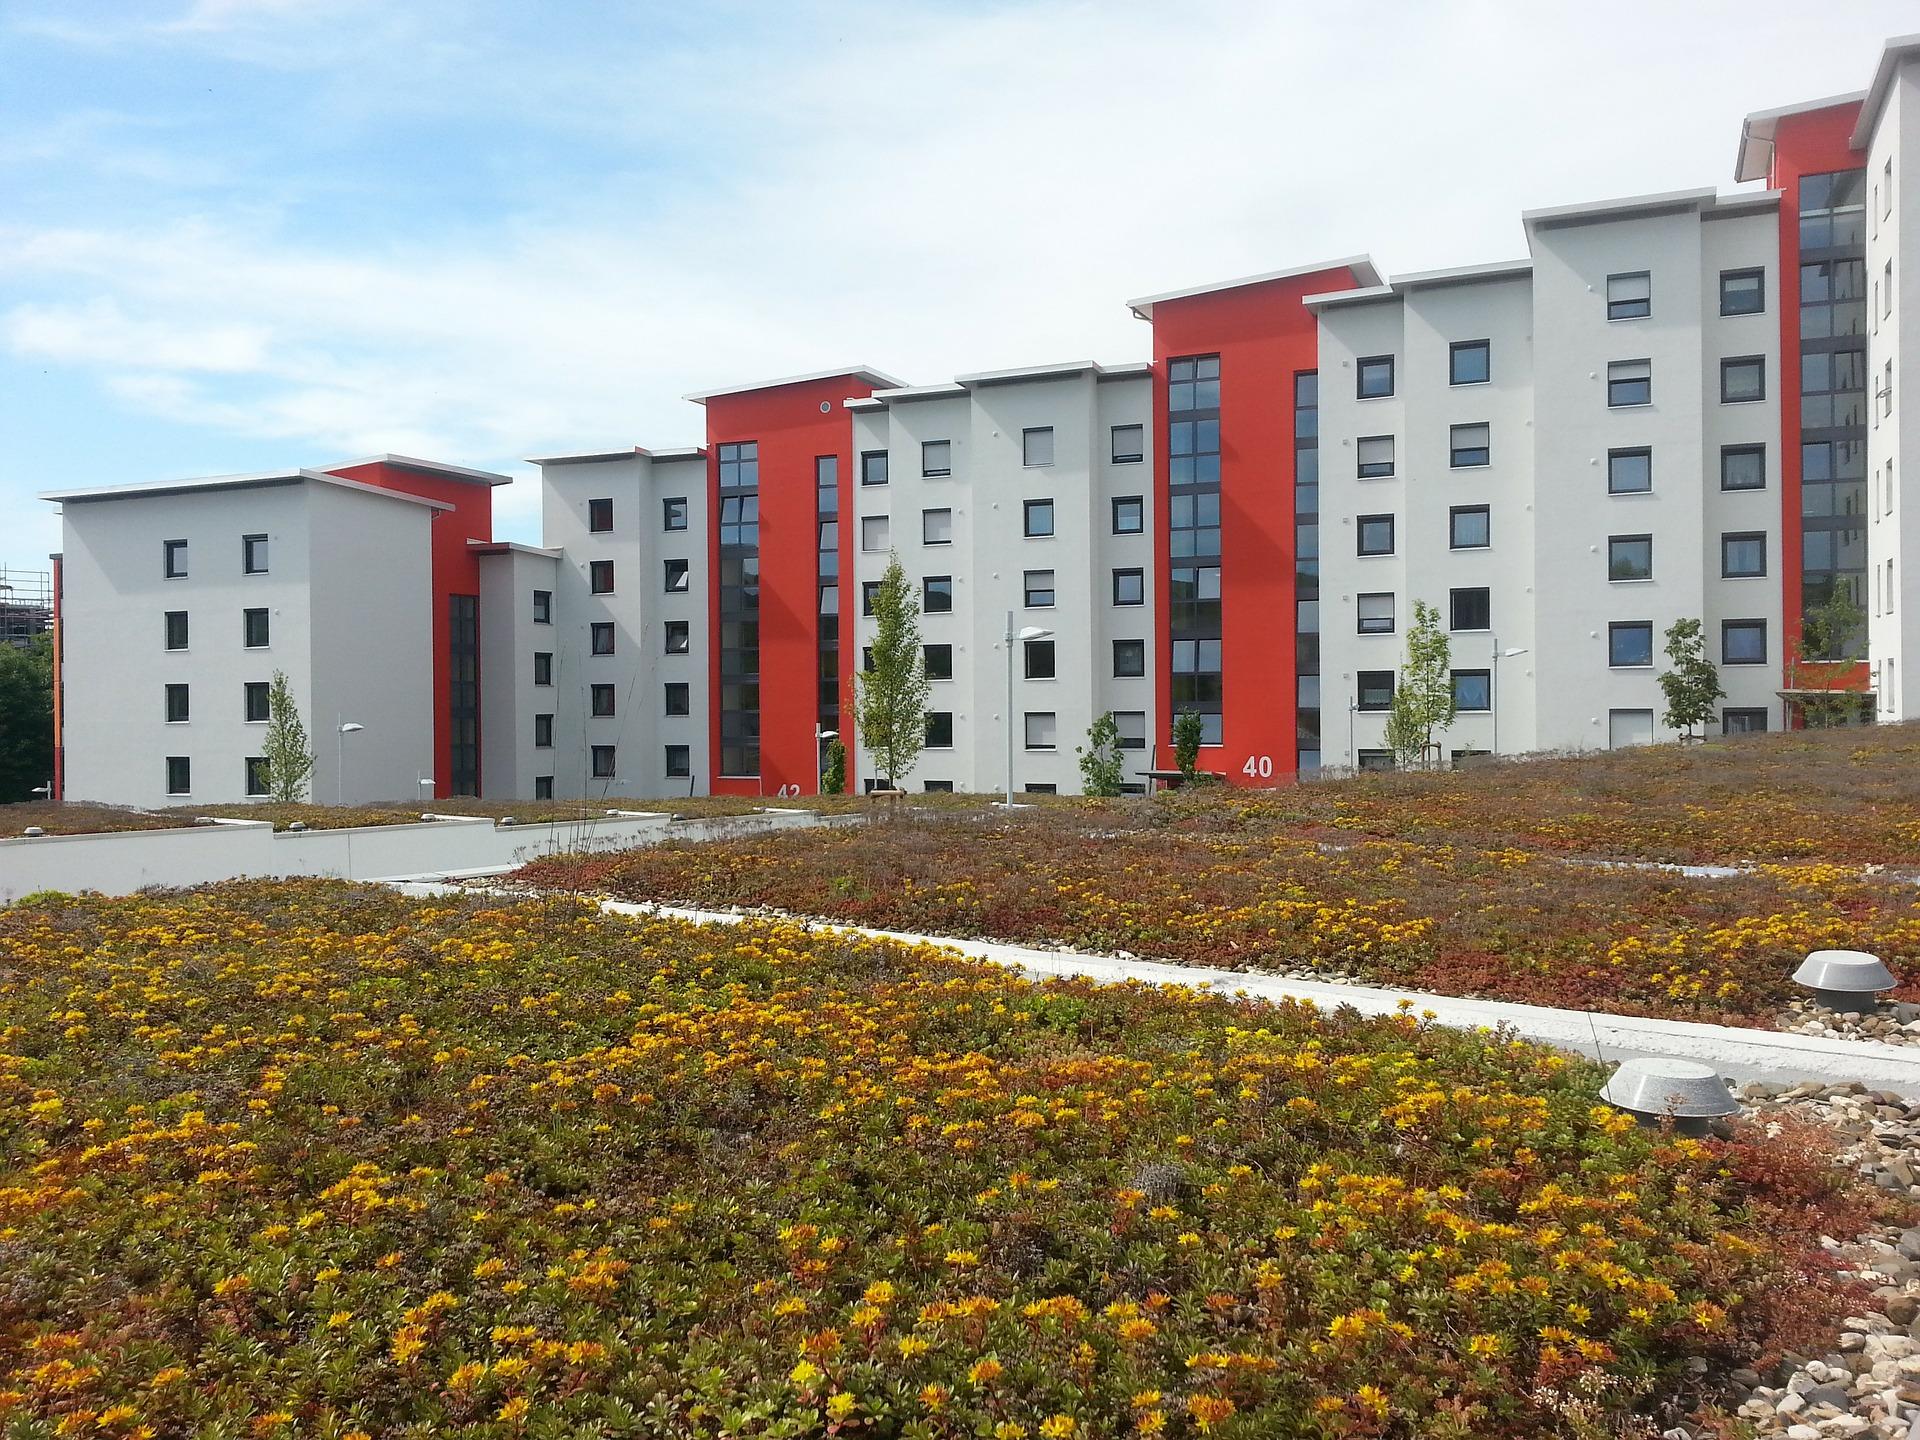 Rodekirchen Immobilien GmbH